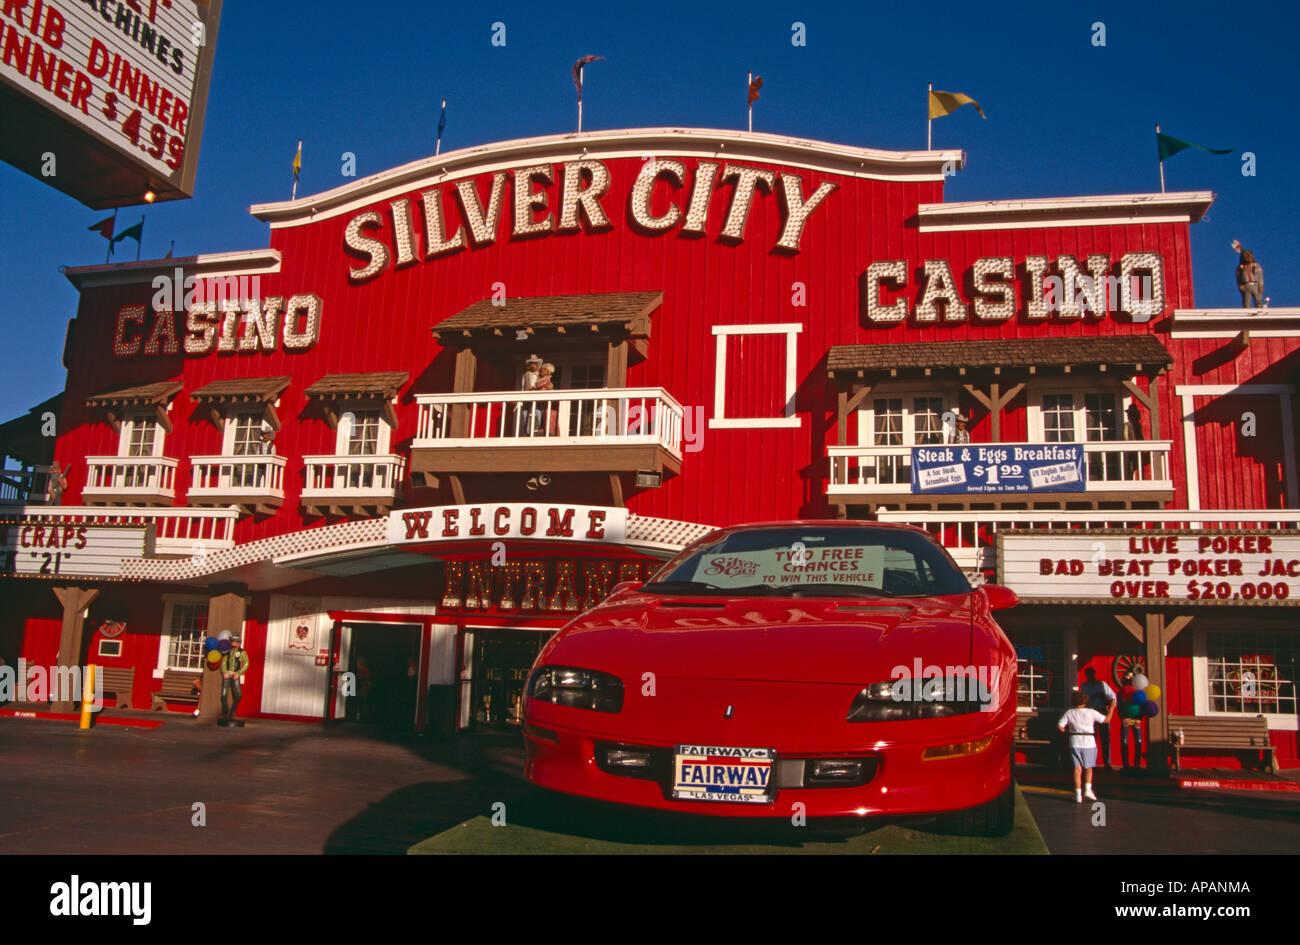 CASINO CITY USA